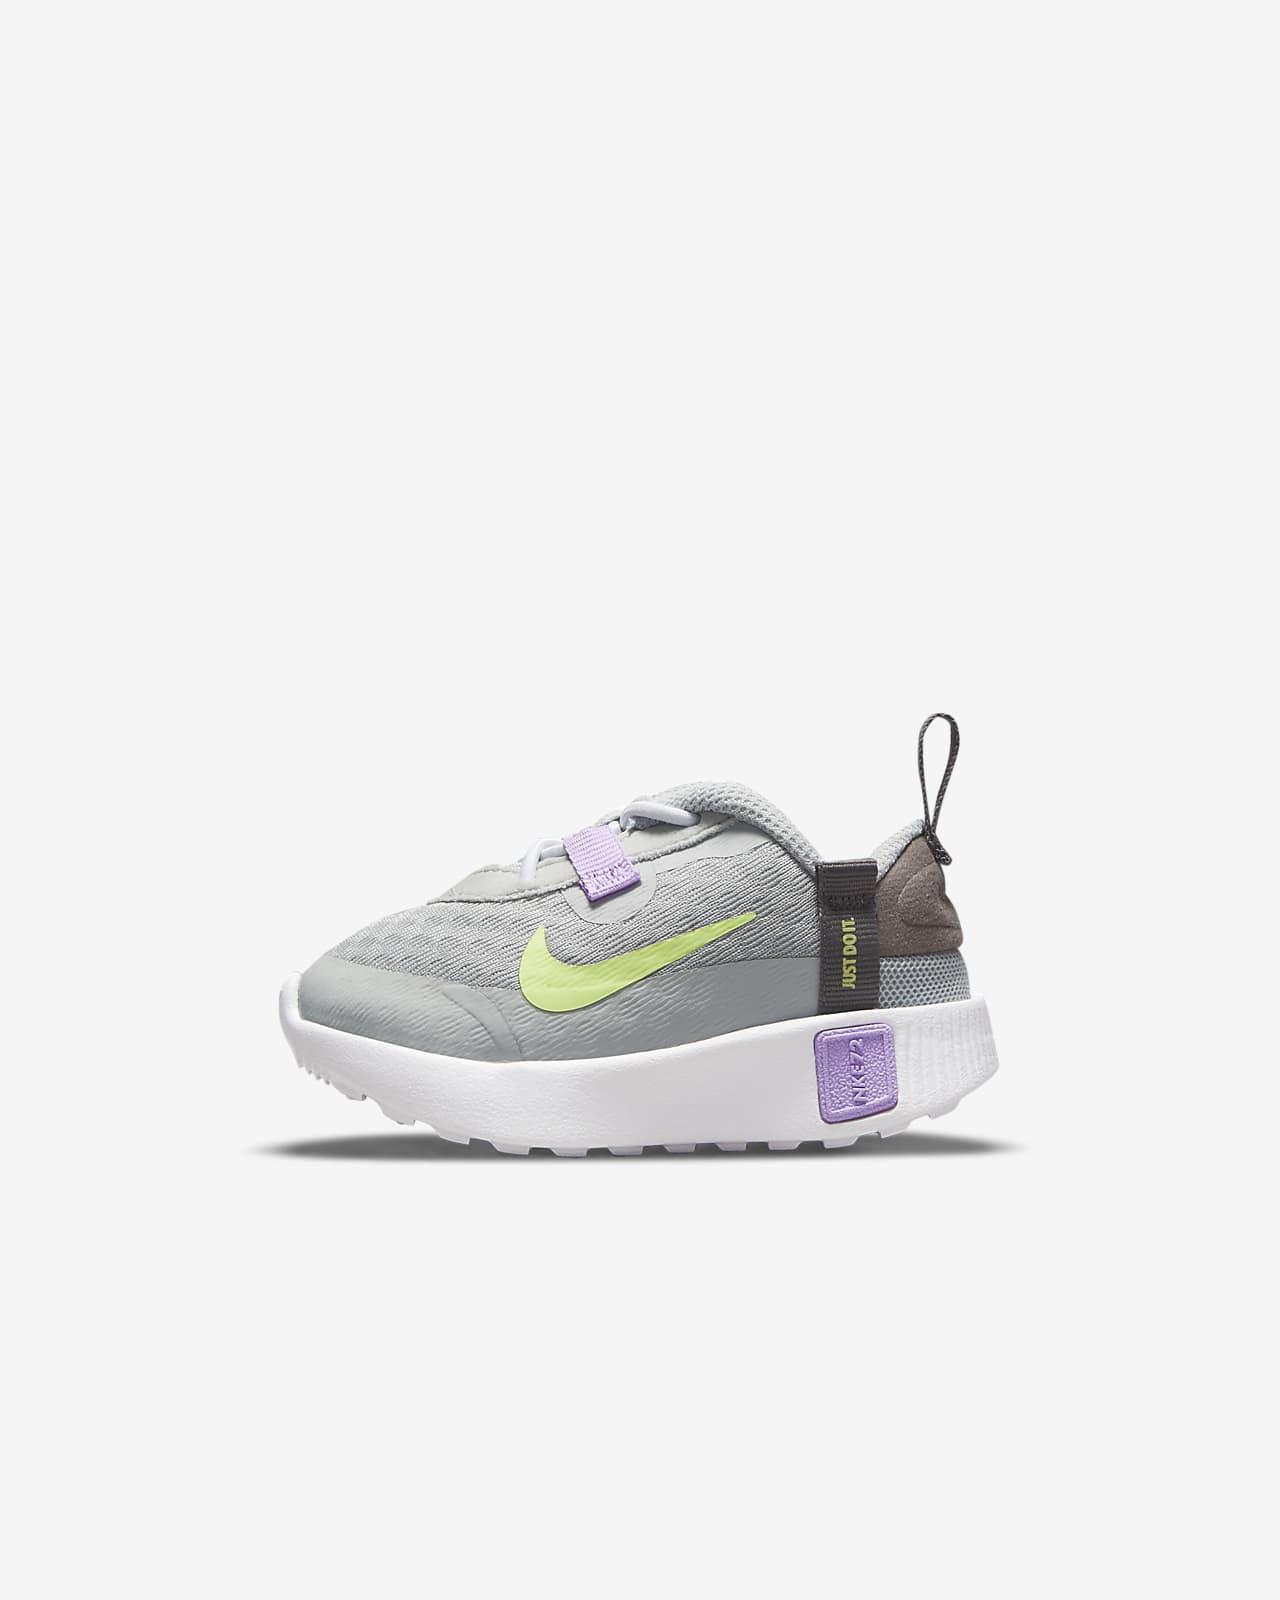 Nike Reposto Baby/Toddler Shoes